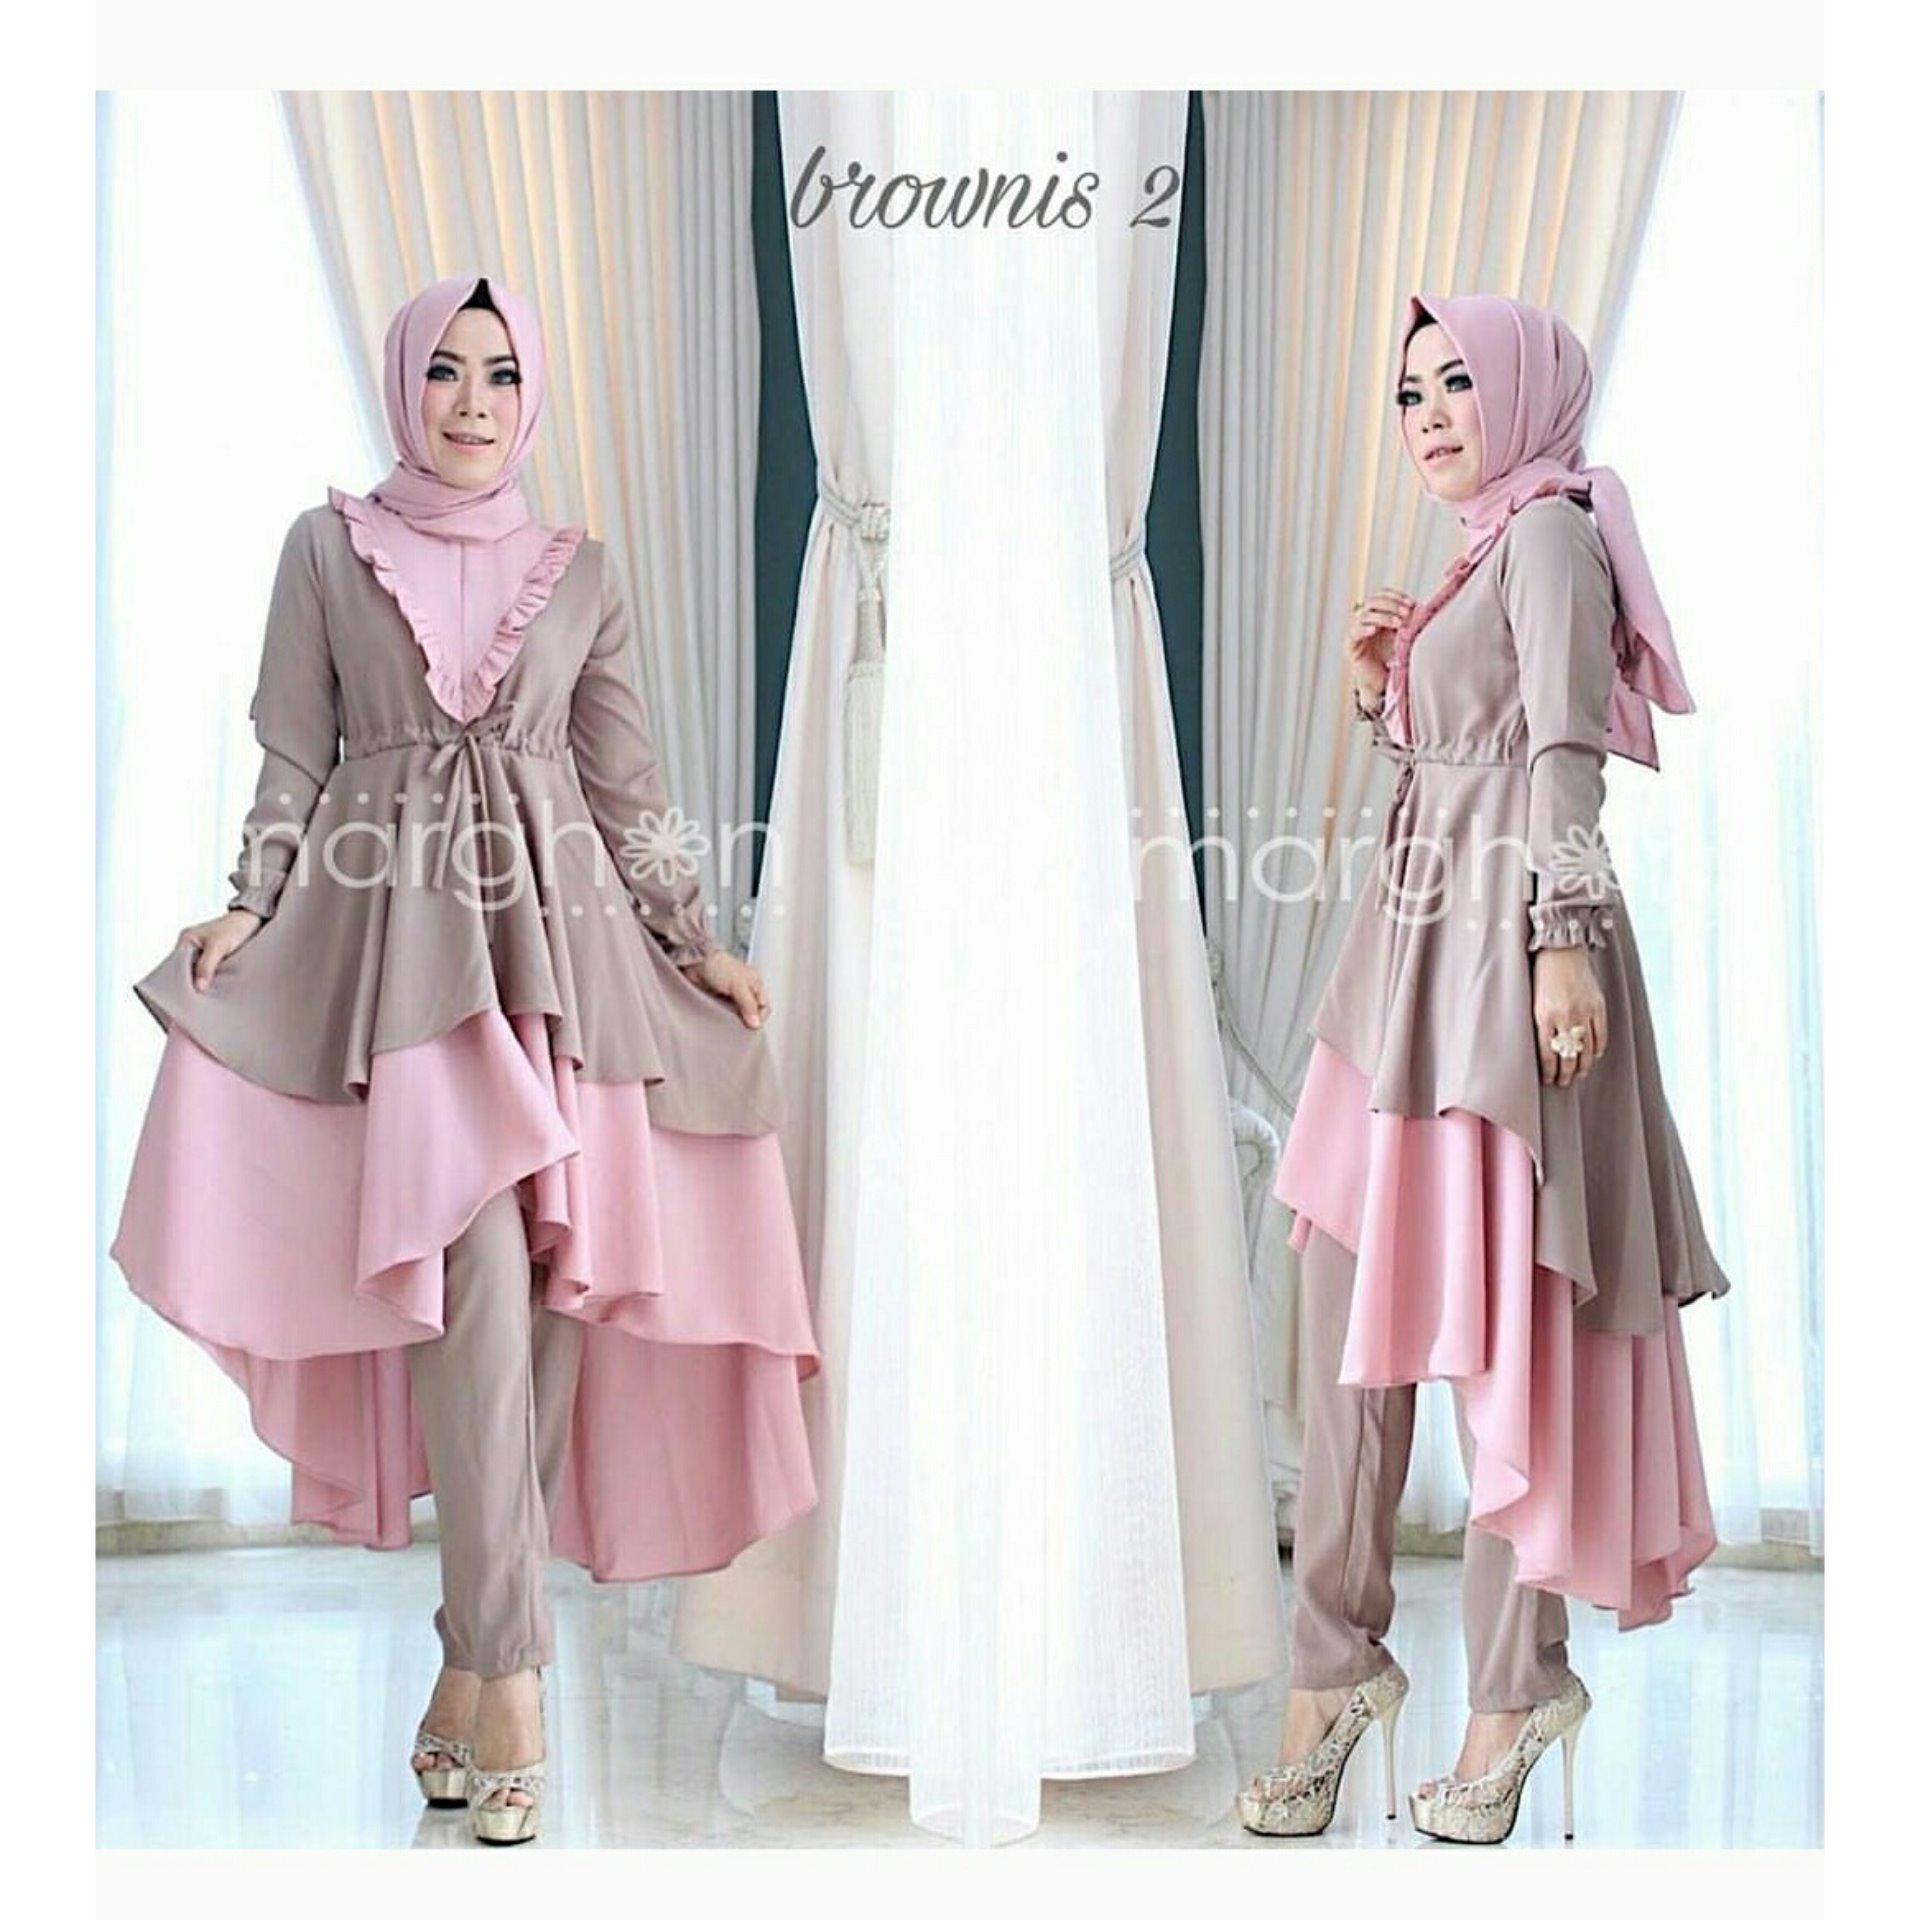 trendshopee Setelan Muslim Wanita Tunik Dan Celana Panjang Brownies